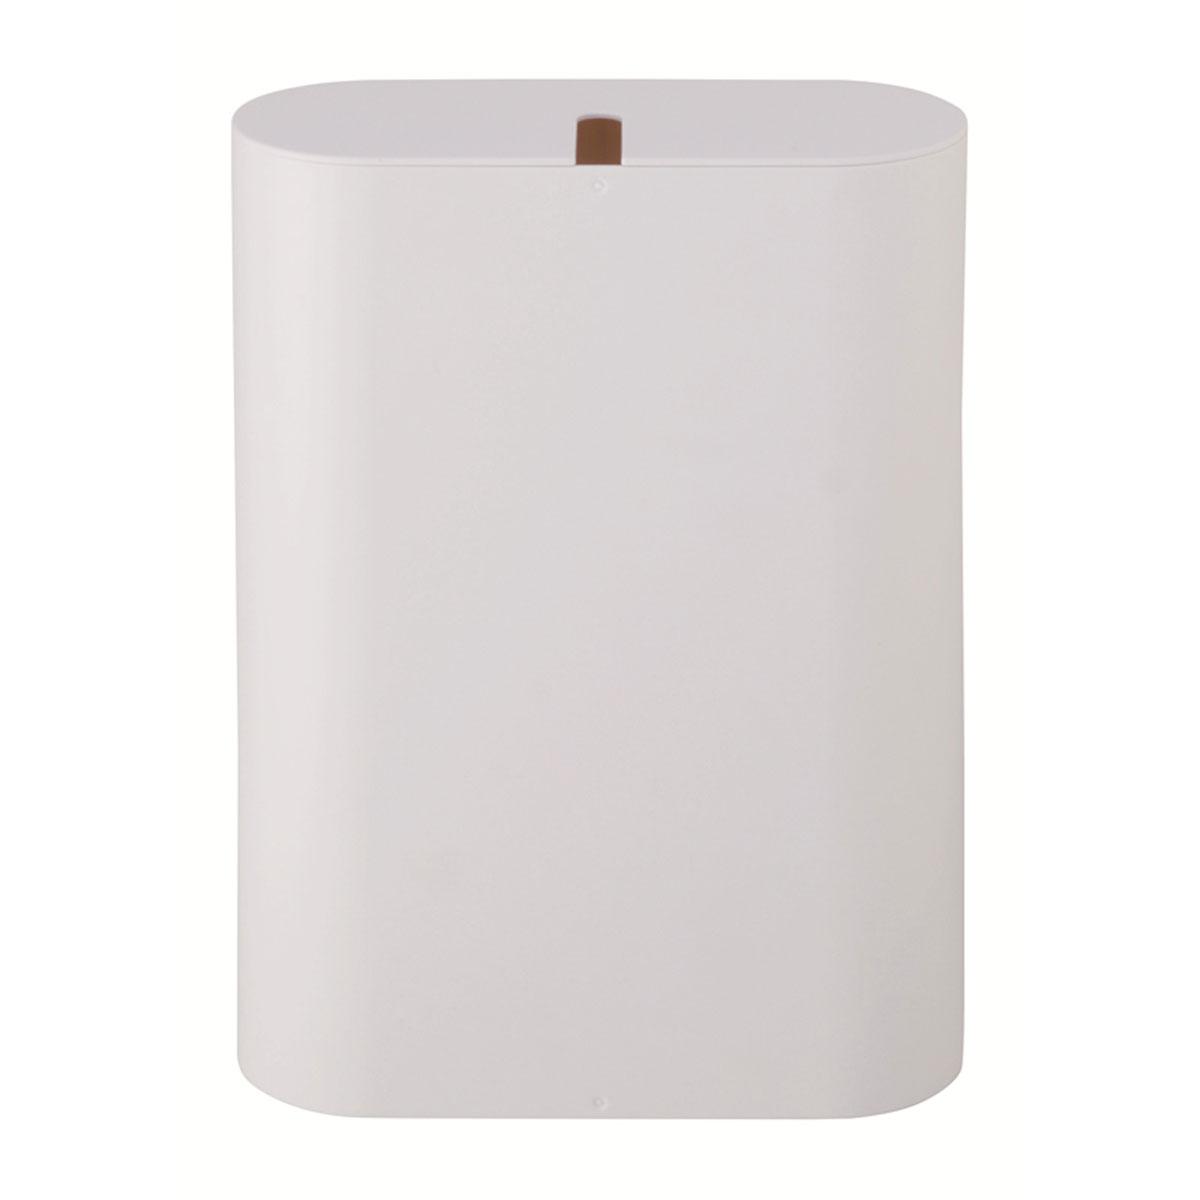 コロモード 収納BOX付粘着クリーナー ホワイト ST-026